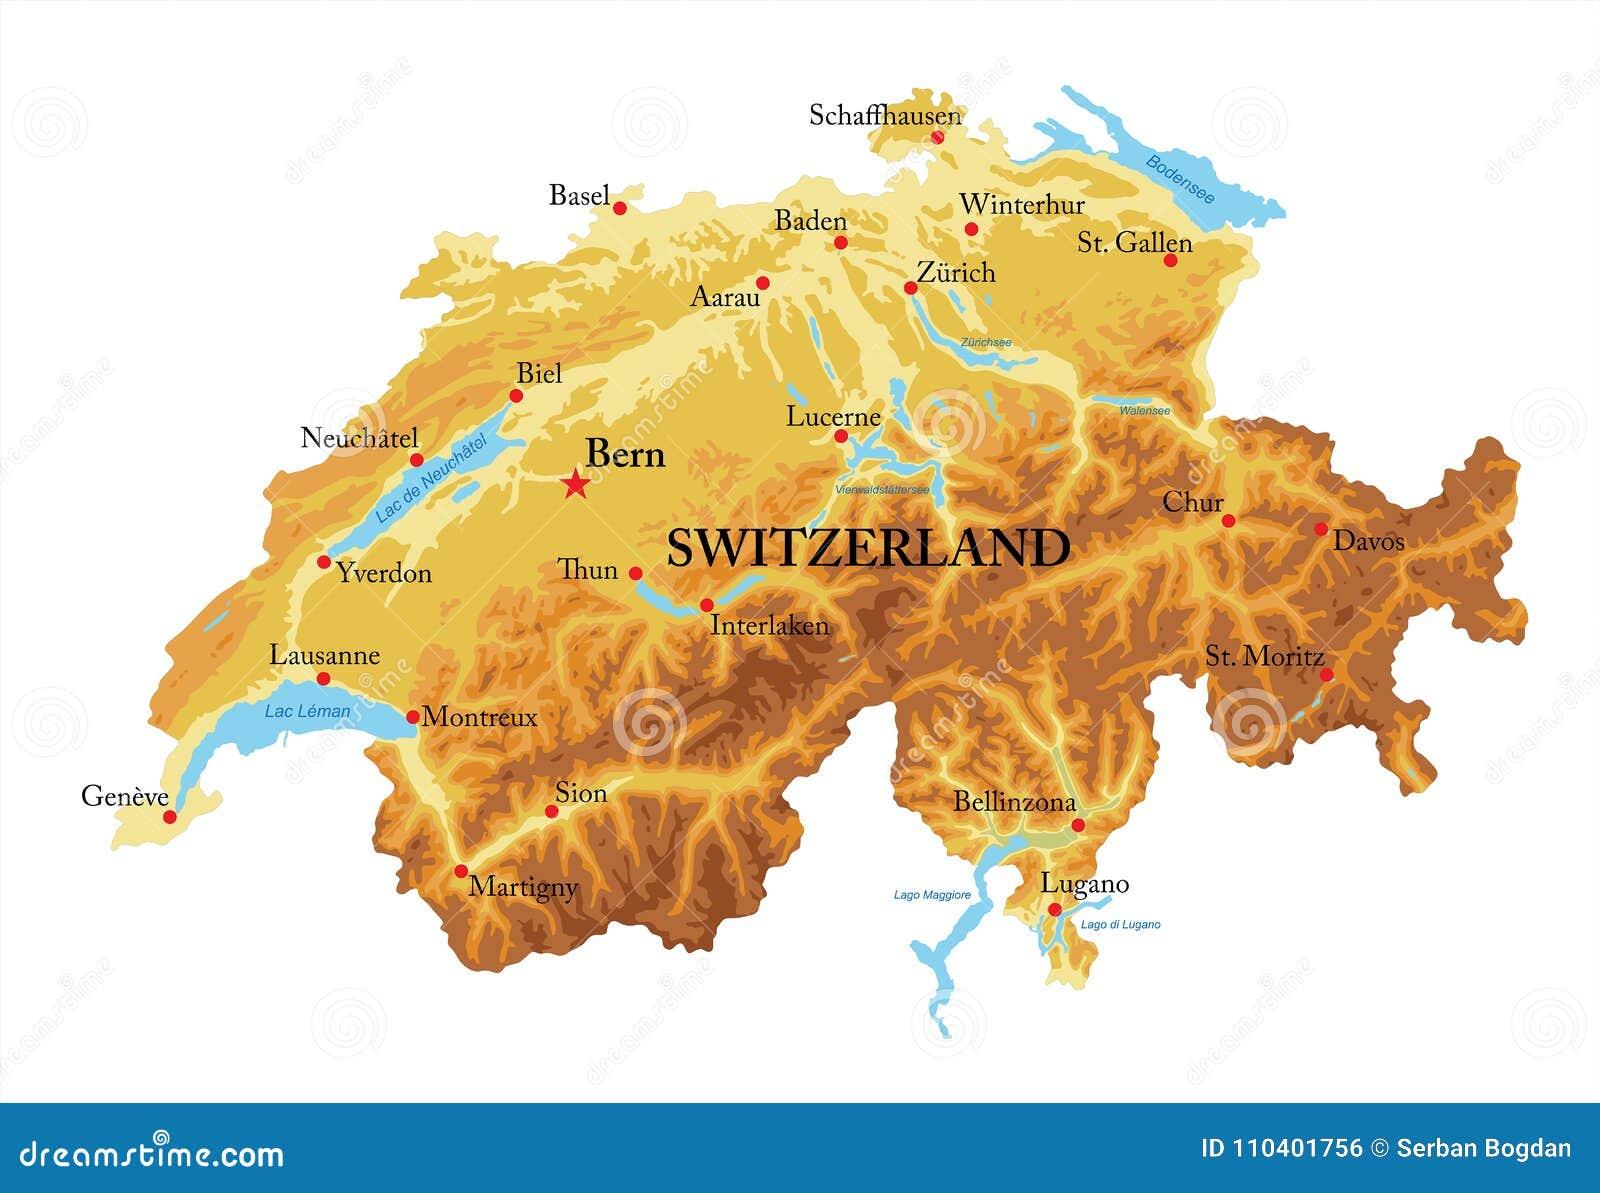 Dettagliata Cartina Della Svizzera.Carta In Rilievo Della Svizzera Illustrazione Vettoriale Illustrazione Di Background Europa 110401756